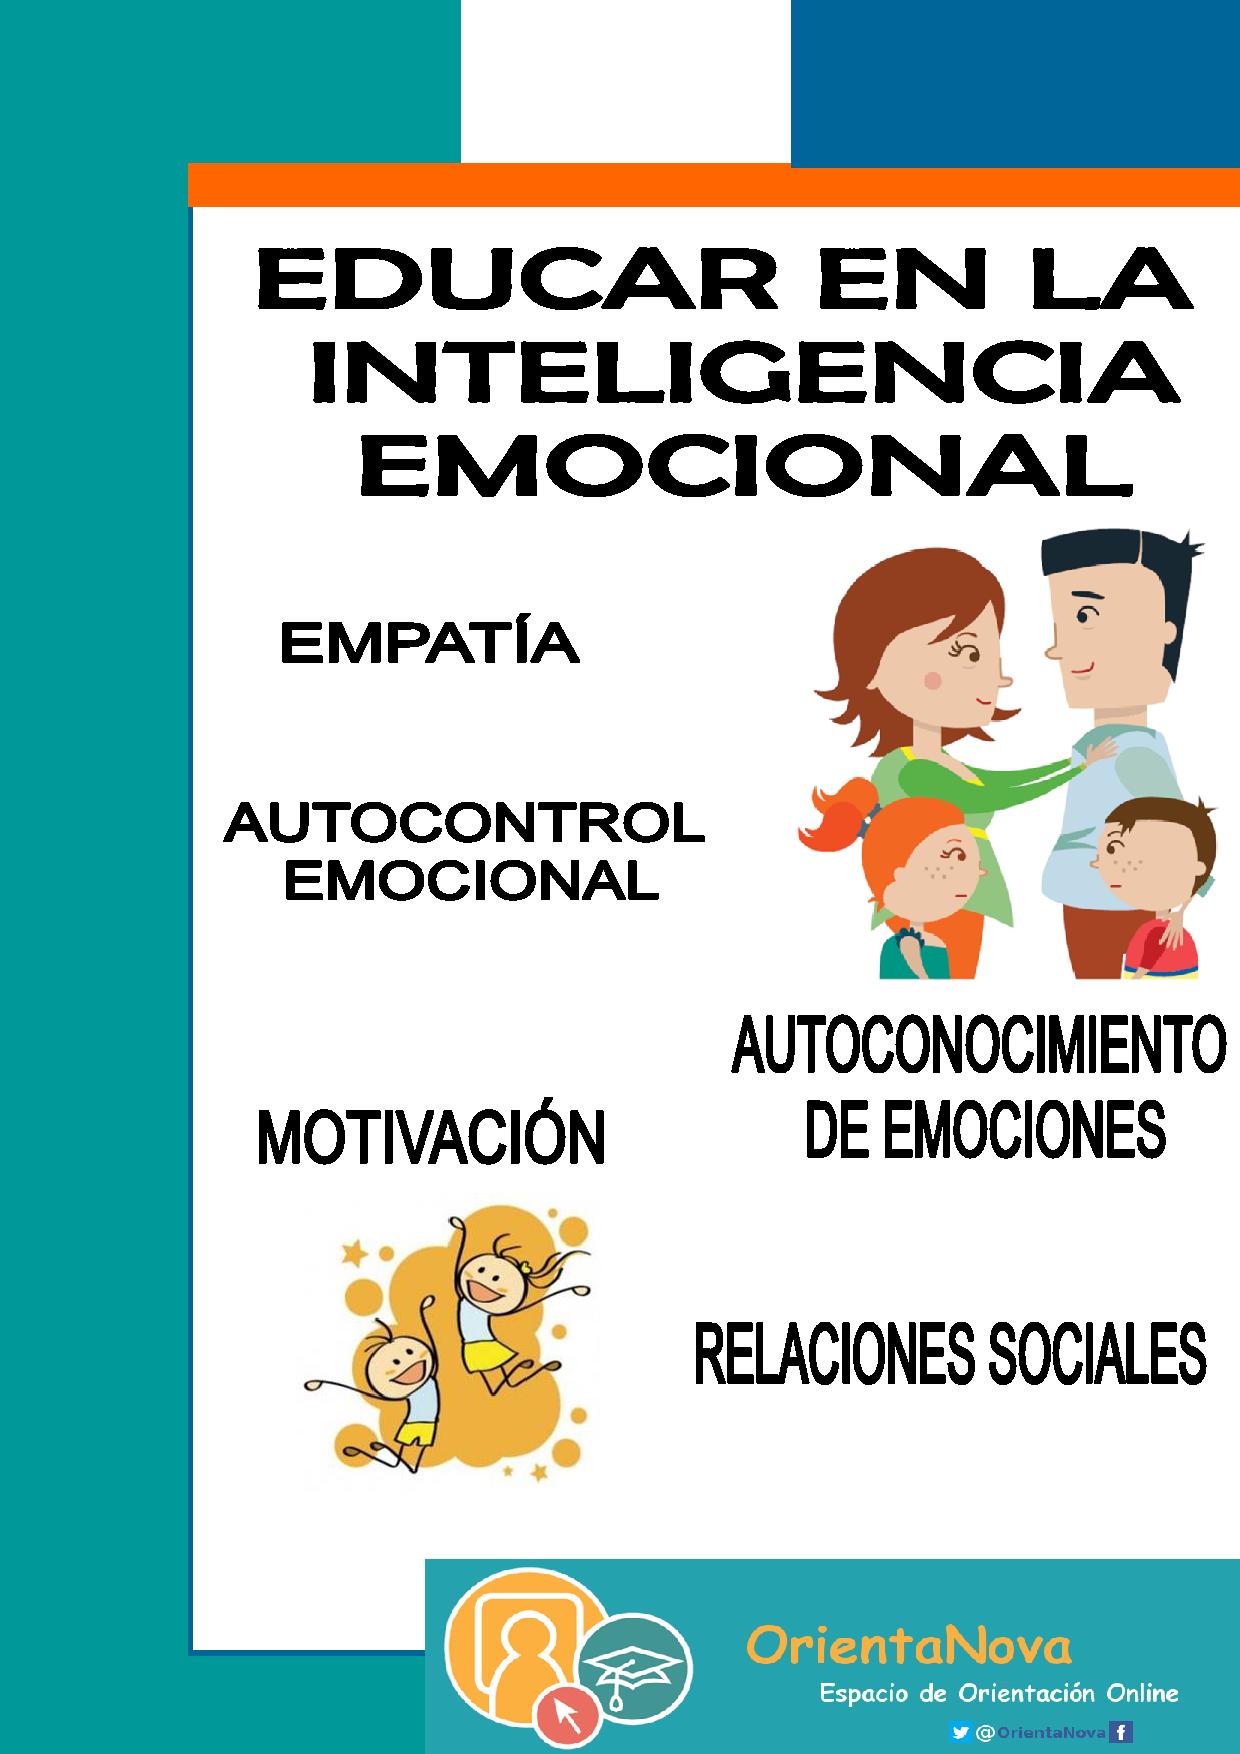 Coleccion De Entradas Sobre Como Educar En La Inteligencia